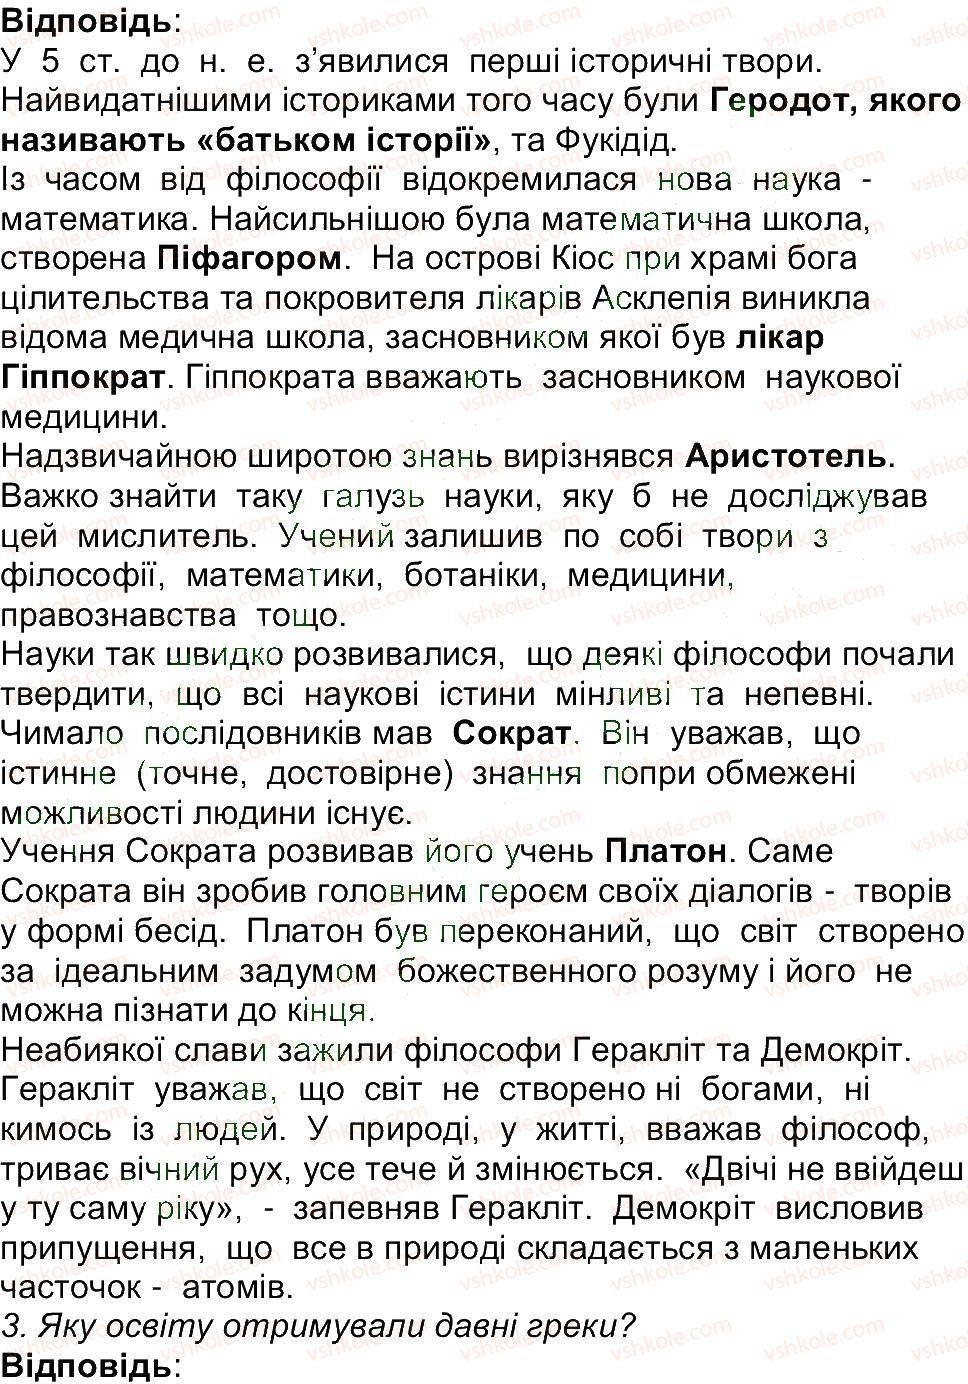 6-istoriya-og-bandrovskij-vs-vlasov-2014--storinki-143200-175-rnd9766.jpg